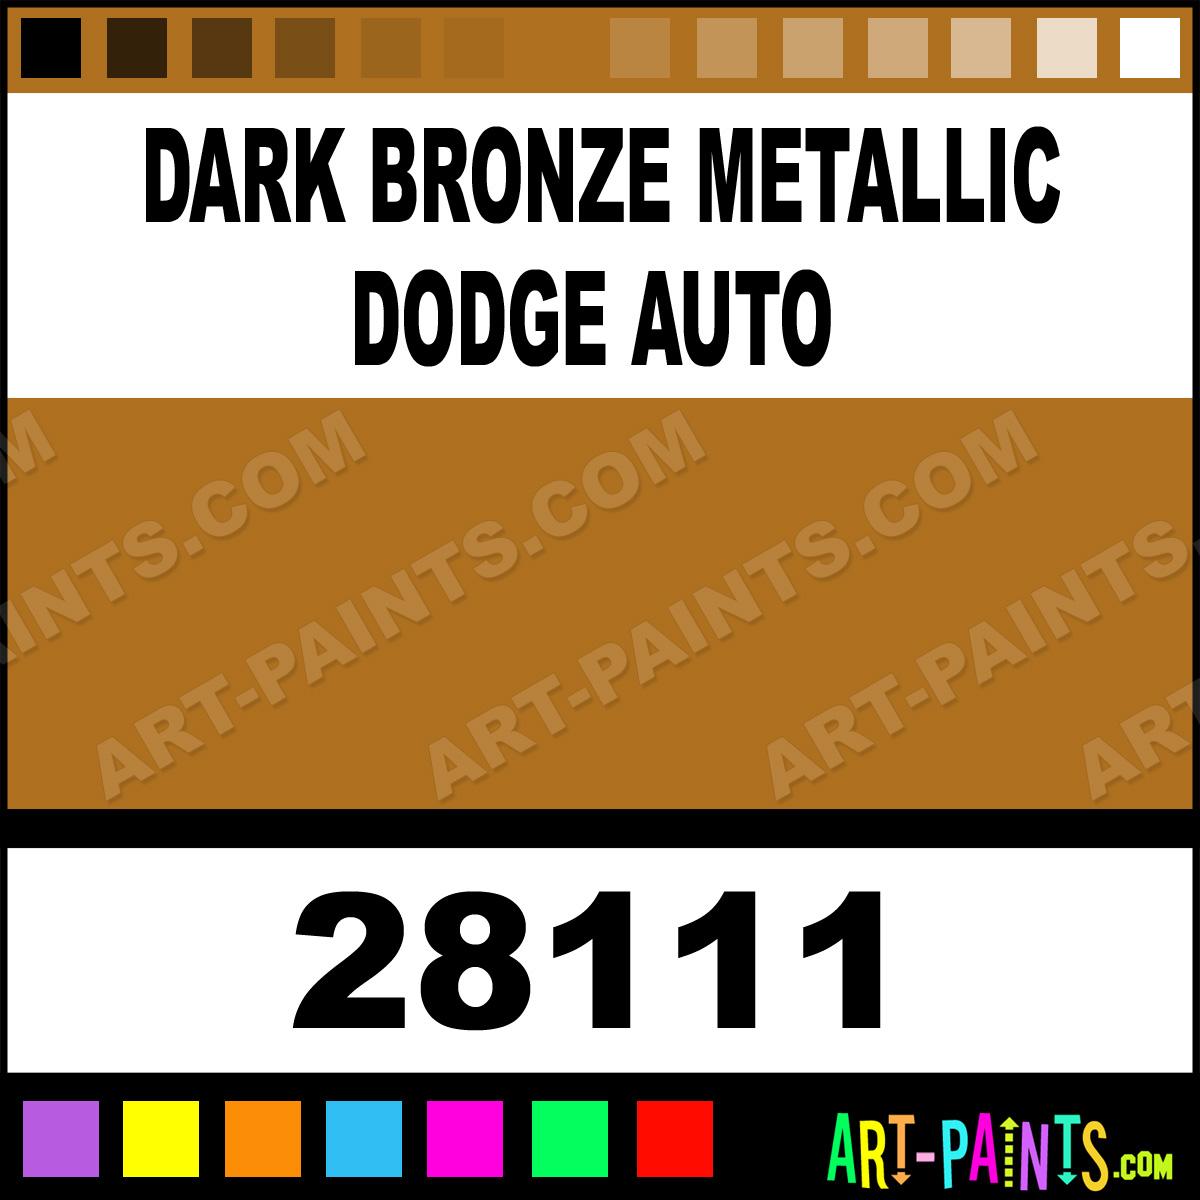 Dark Bronze Metallic Dodge Auto Model Metal Paints and Metallic Paints - 28111 - Dark Bronze Metallic Dodge Auto Paint. Dark Bronze Metallic Dodge ...